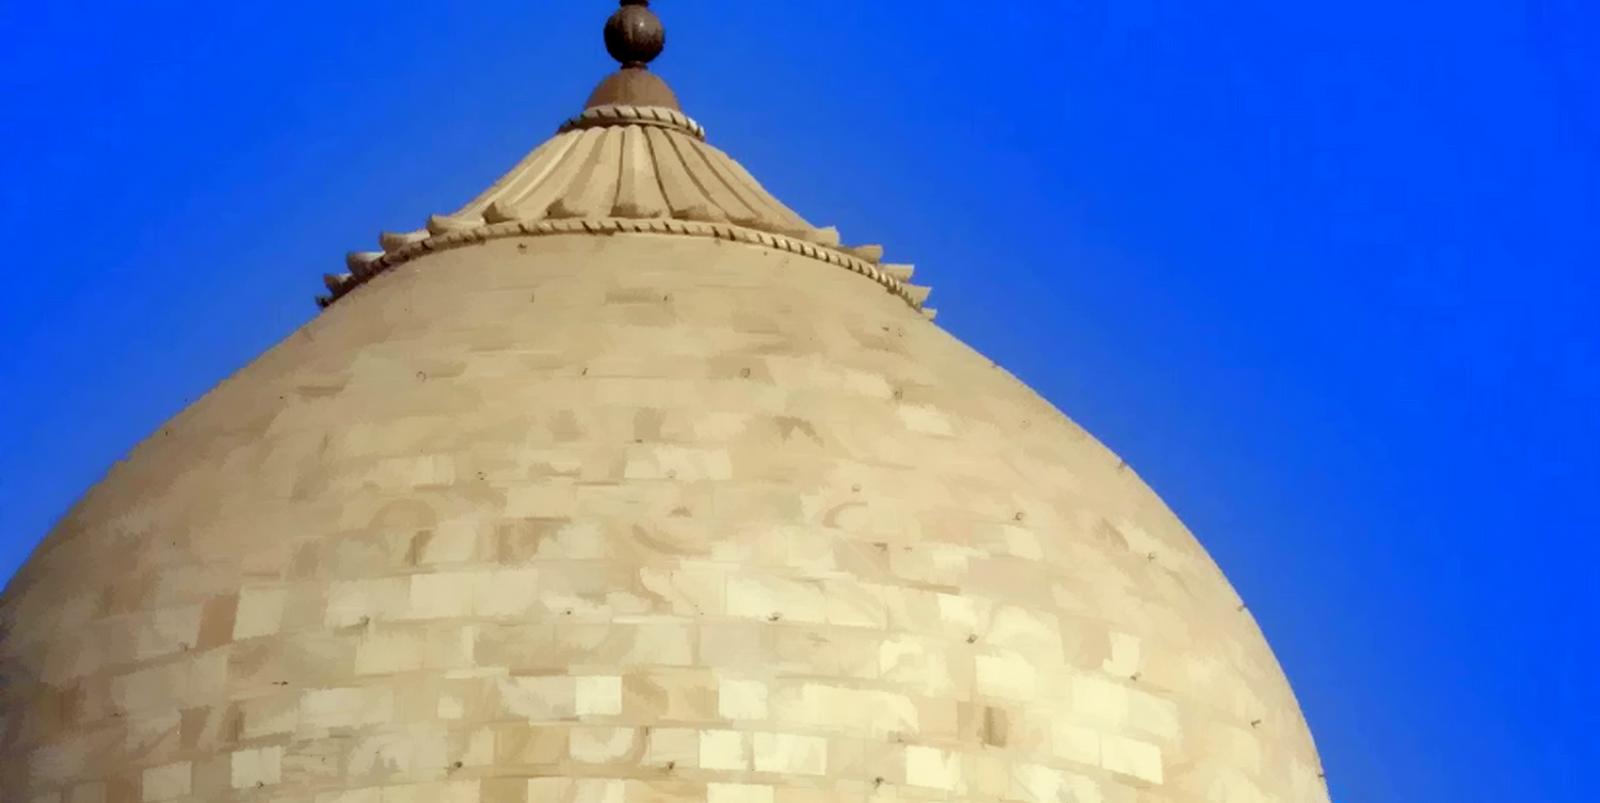 10 Fakta Unik dan Menarik tentang Taj Mahal di India